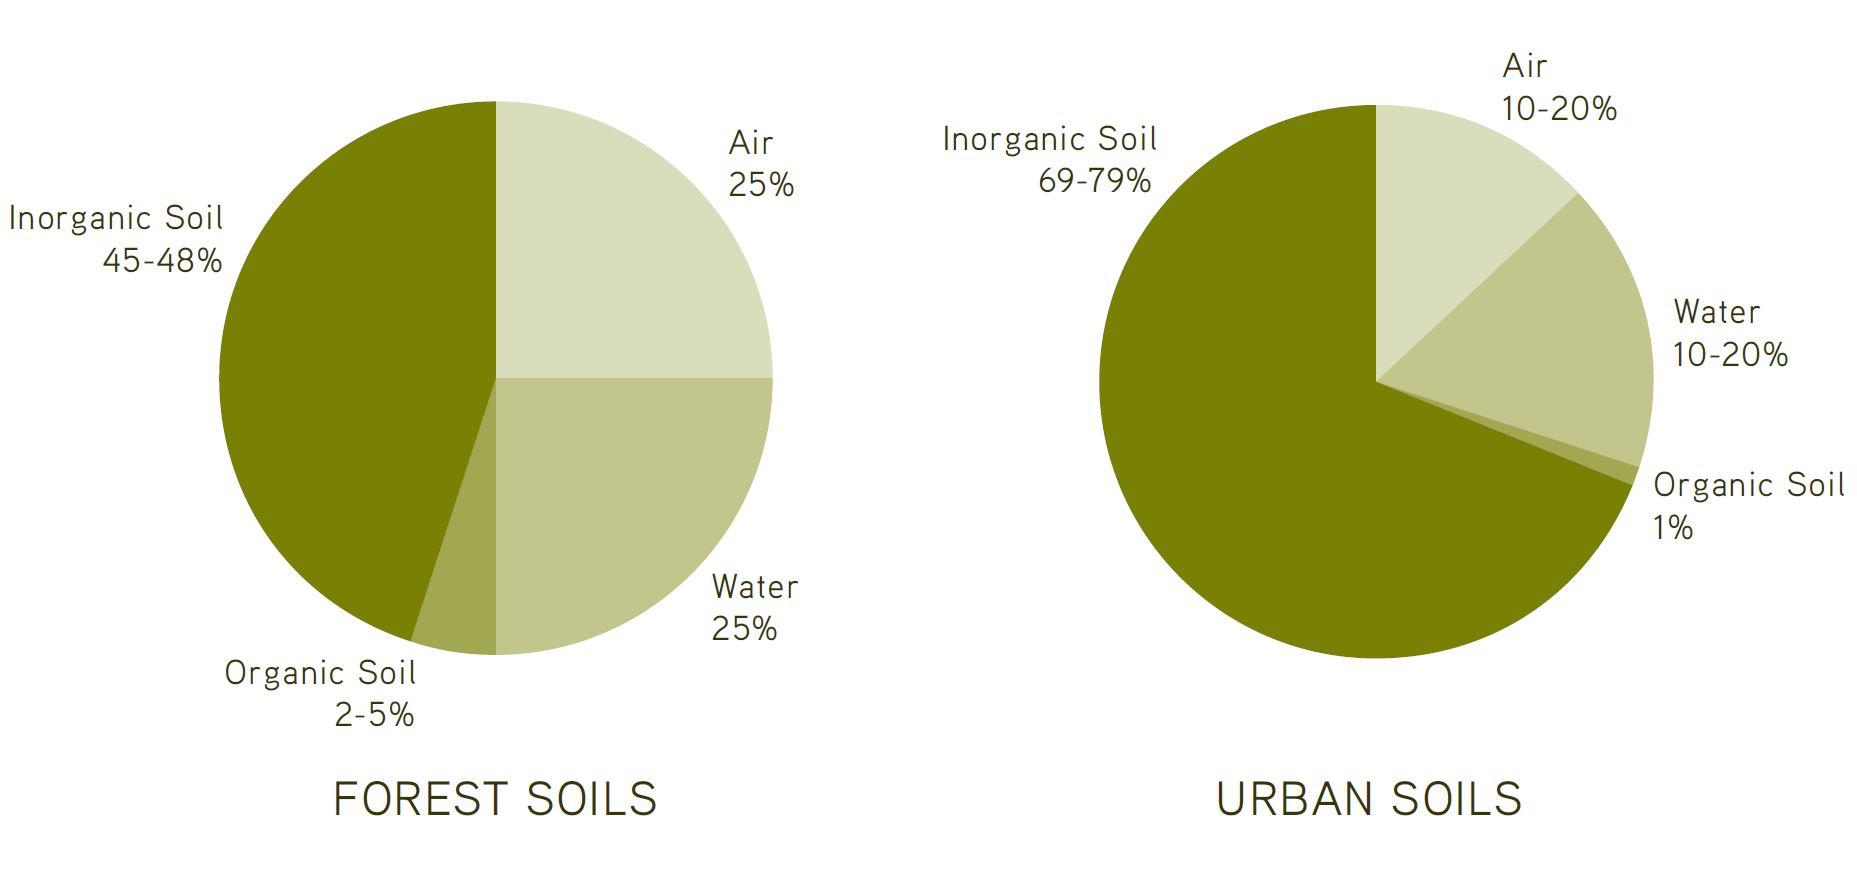 Forest Soil Versus Urban Soil 2014